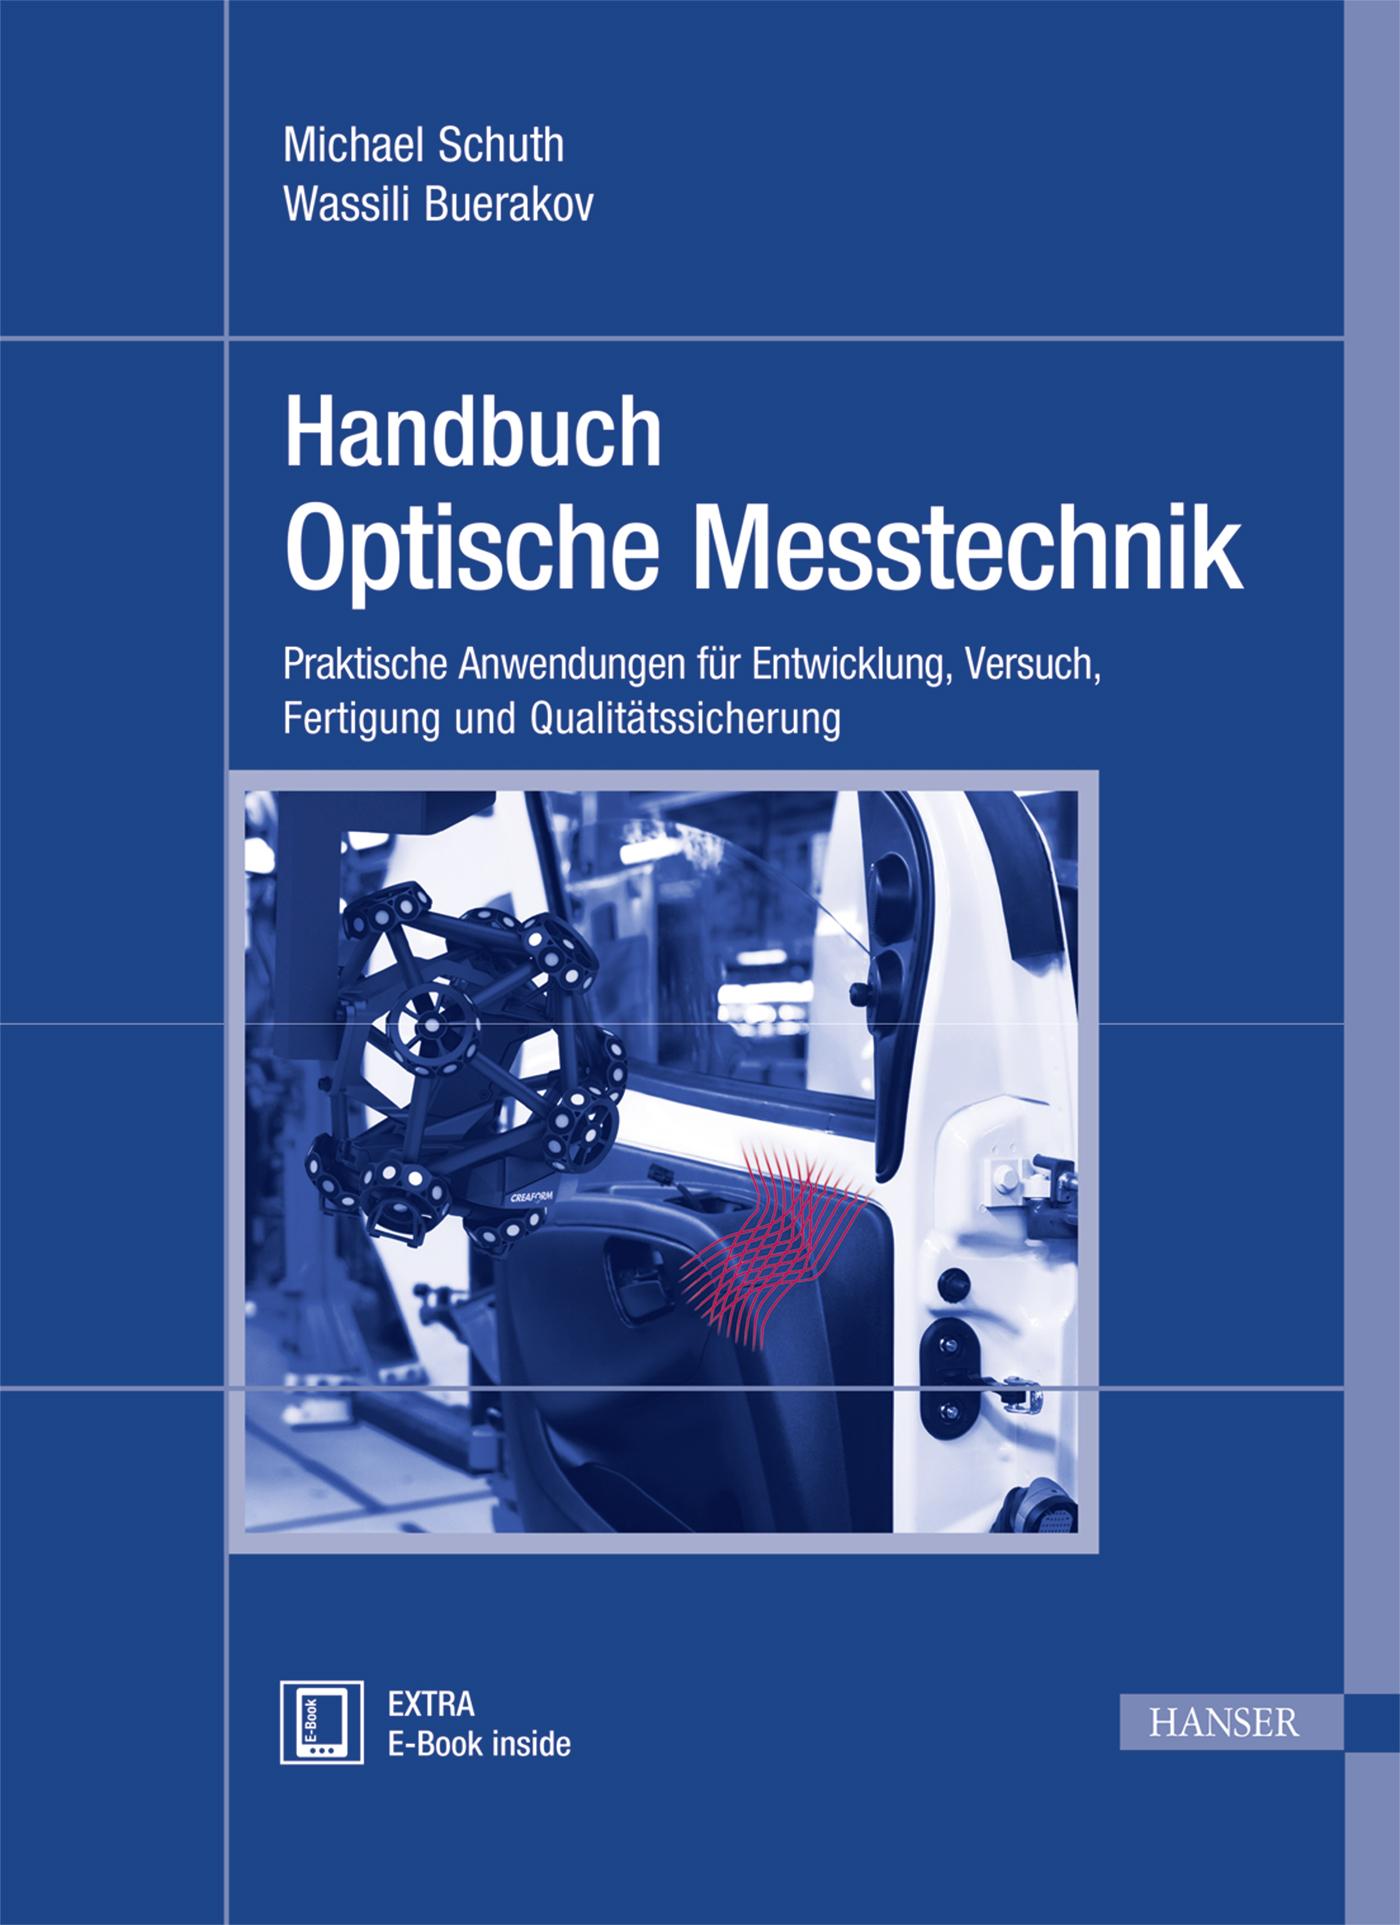 Schuth, Buerakov, Handbuch Optische Messtechnik, 978-3-446-43634-3